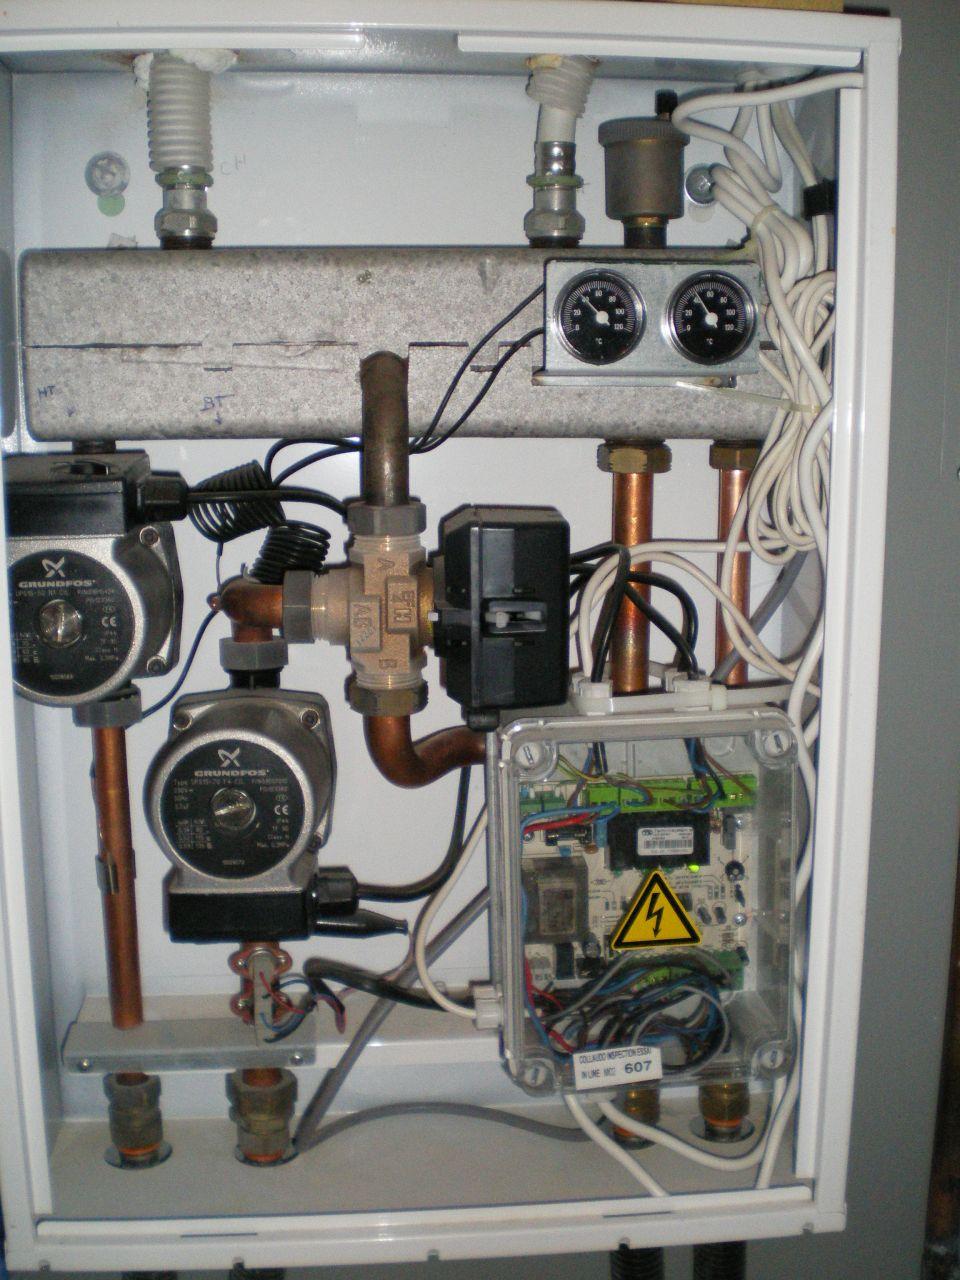 Le répartiteur avec en gris clair en haut, le réservoir de répartition dont les soudures ont lâchées, au centre la vanne 3 voies, qui s'est grippée, en bas à droite, le boitier de commande avec les deux câbles blancs des thermostats d'ambiance.